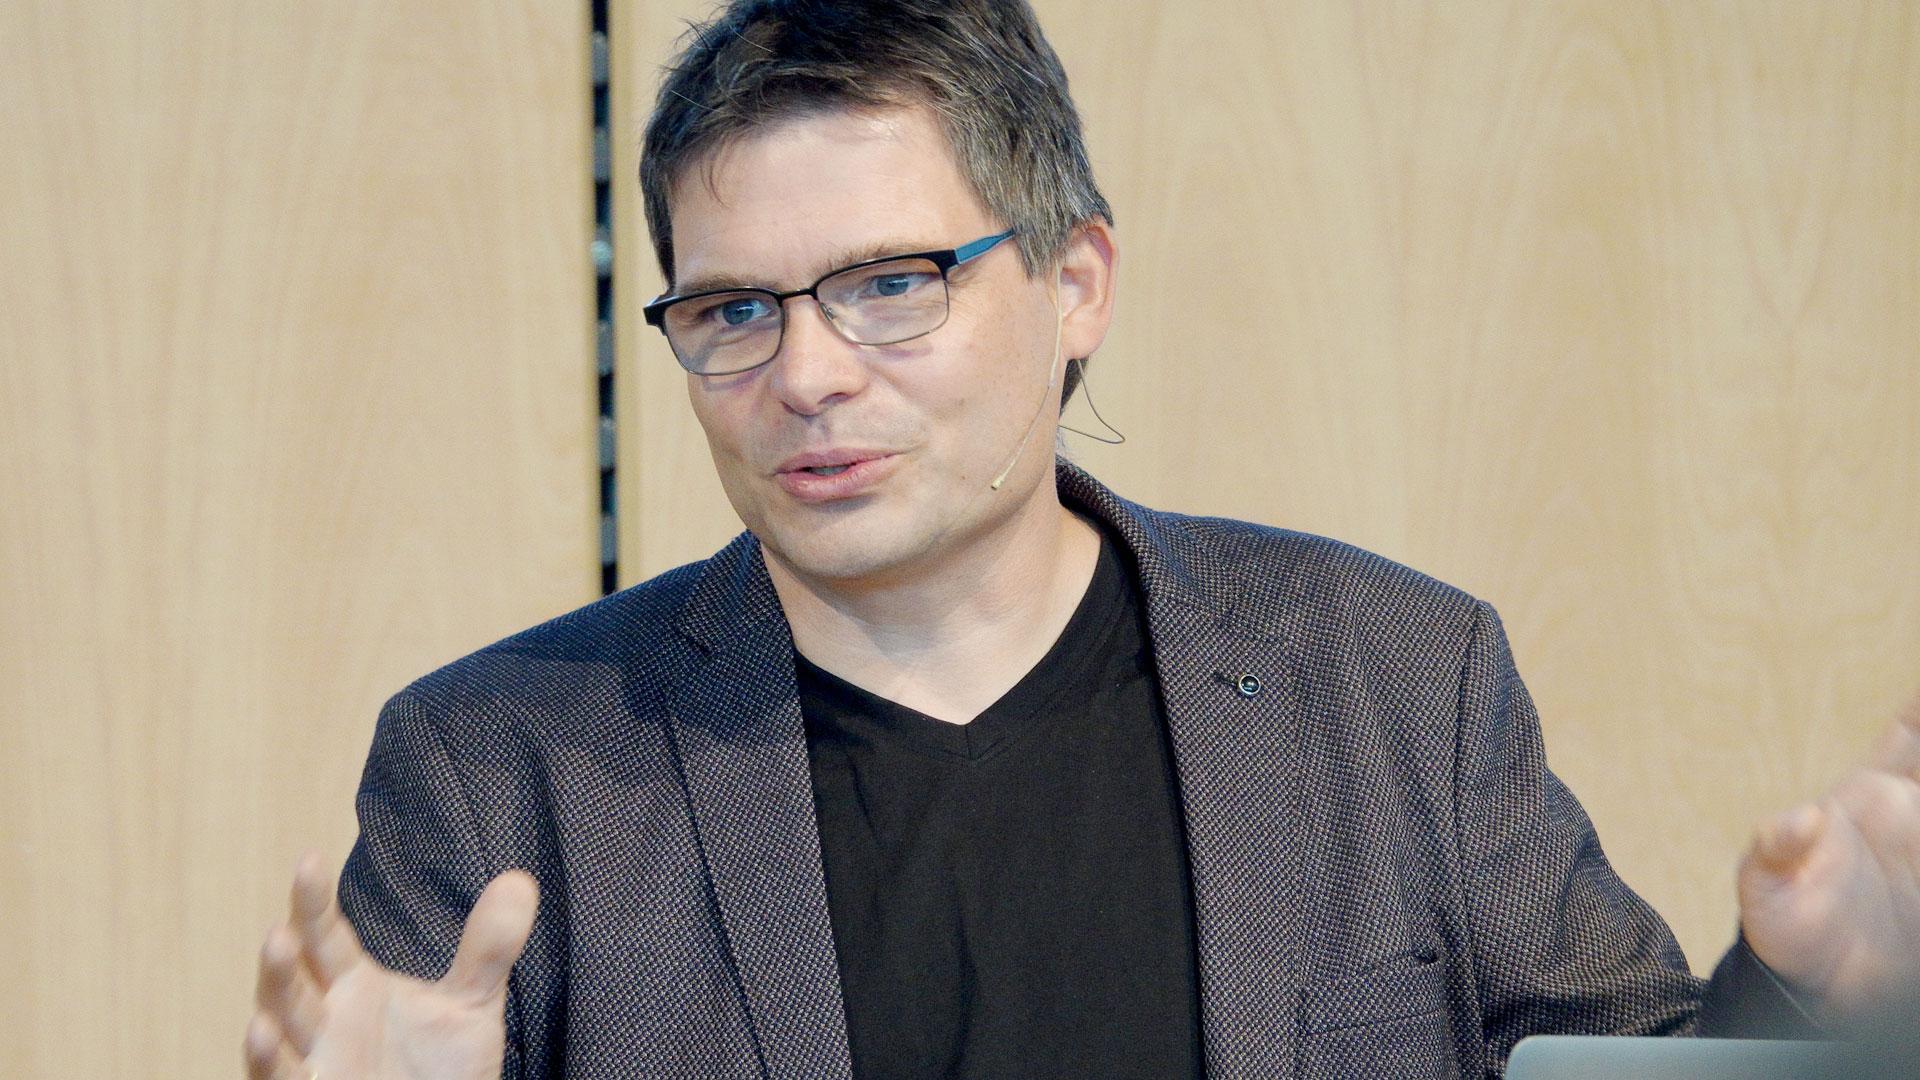 Jörg Dechert ist Vorstandsvorsitzender von ERF Medien. Der Technikbegeisterte hat zahlreiche Internetangebote mit entwickelt.